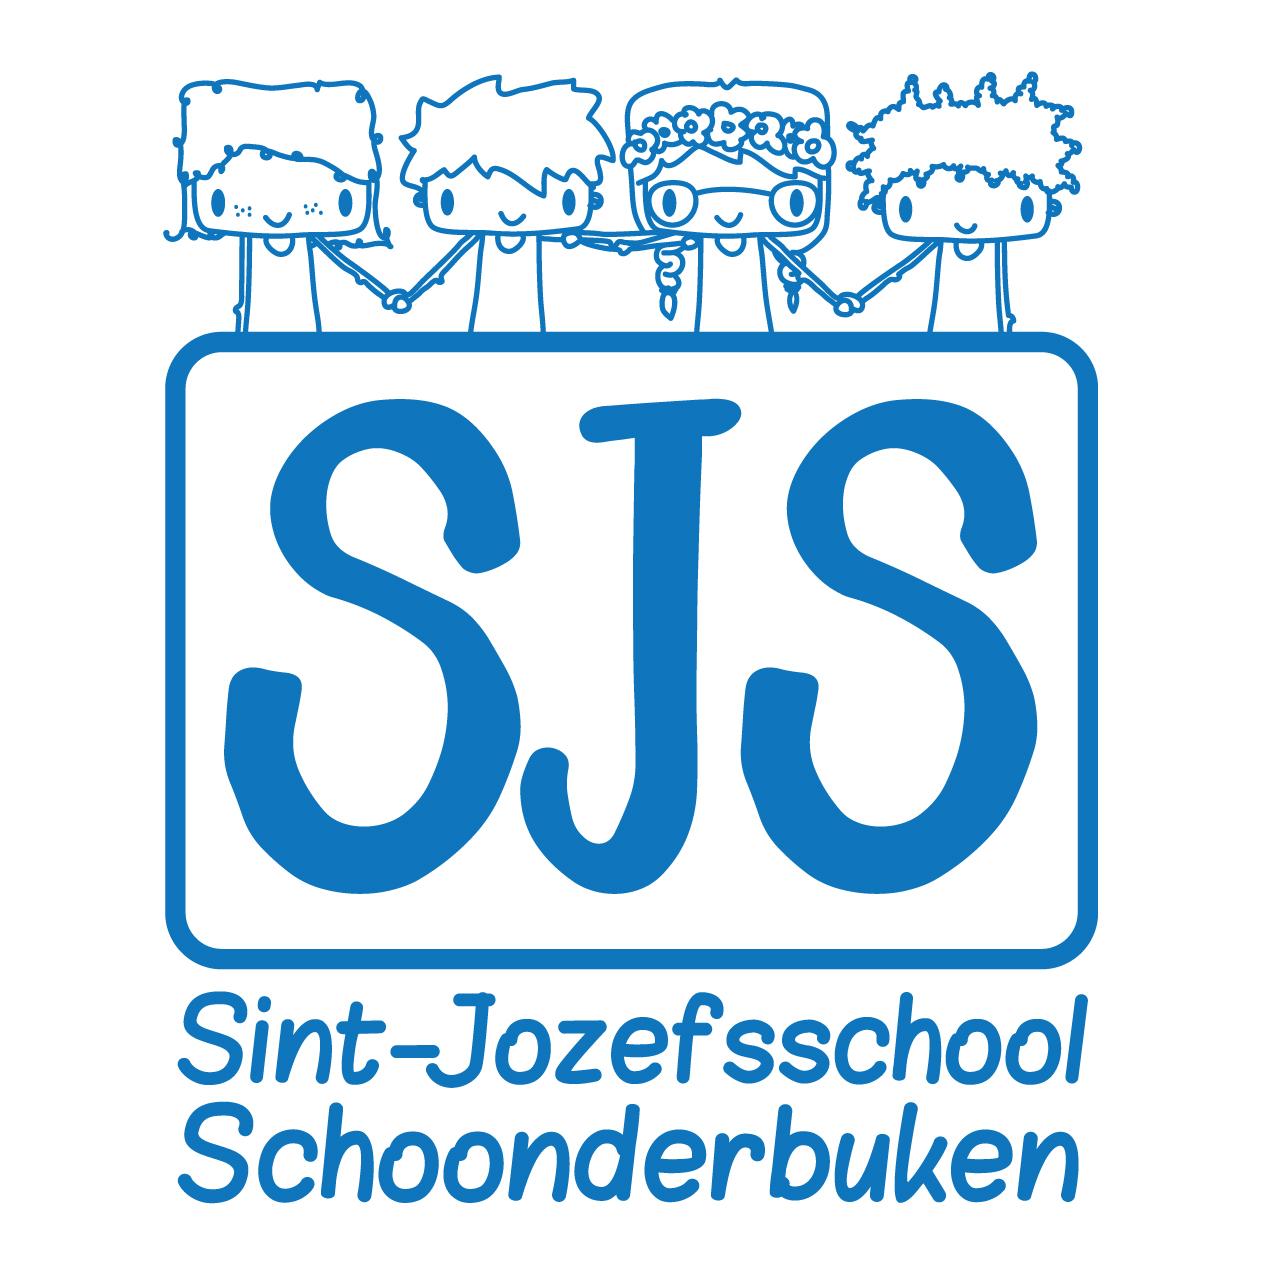 Vrije basisschool Sint-Jozefsschool